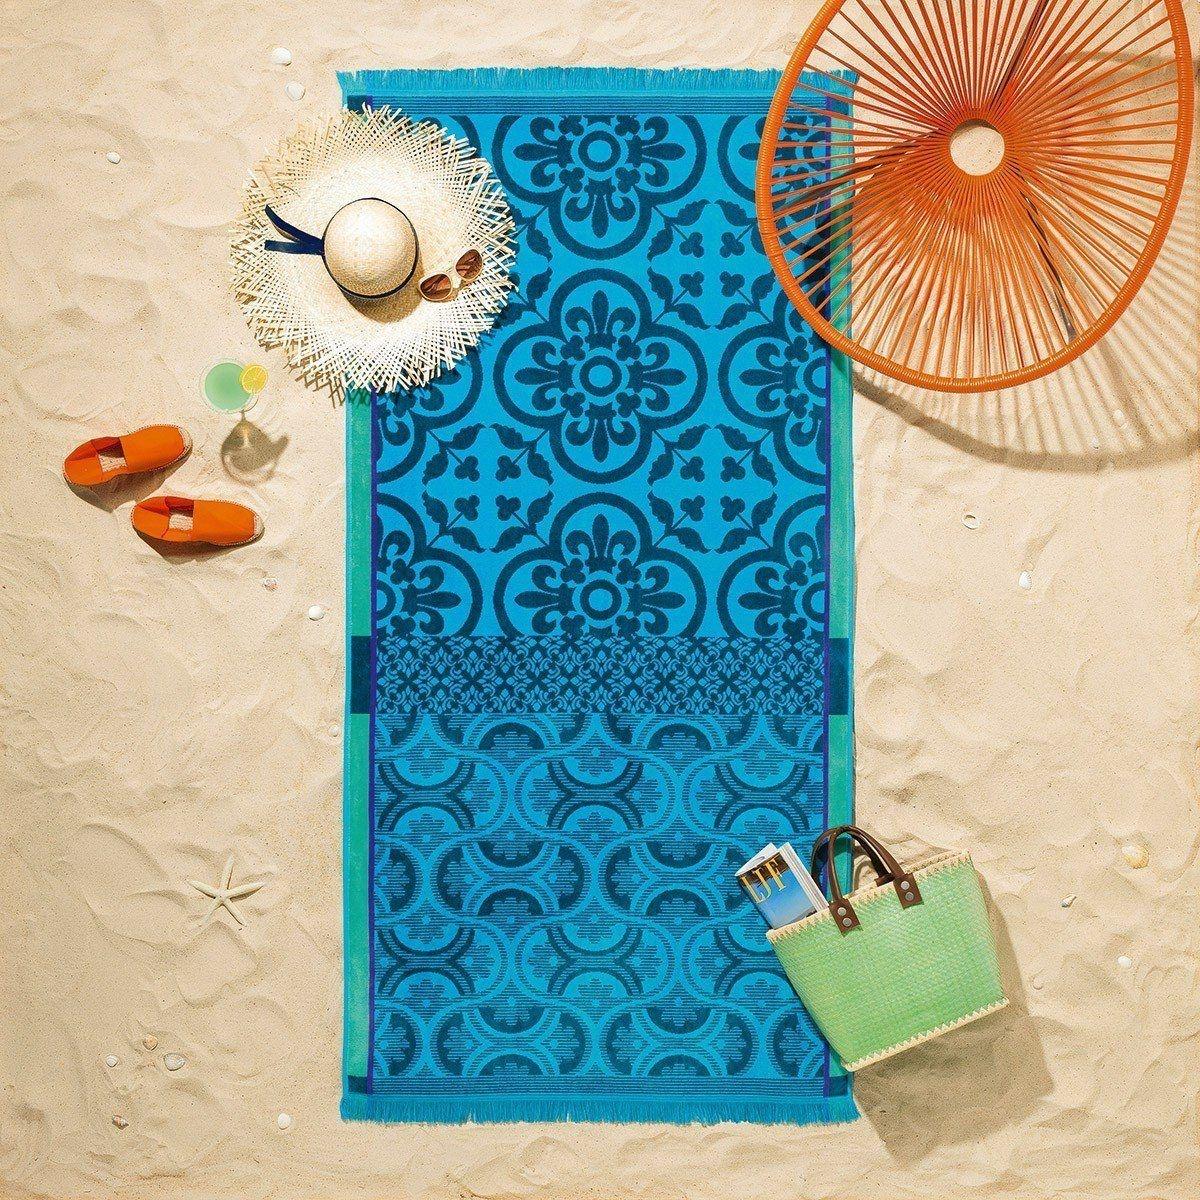 Le Jacquard Francais Santorini Beach Towel